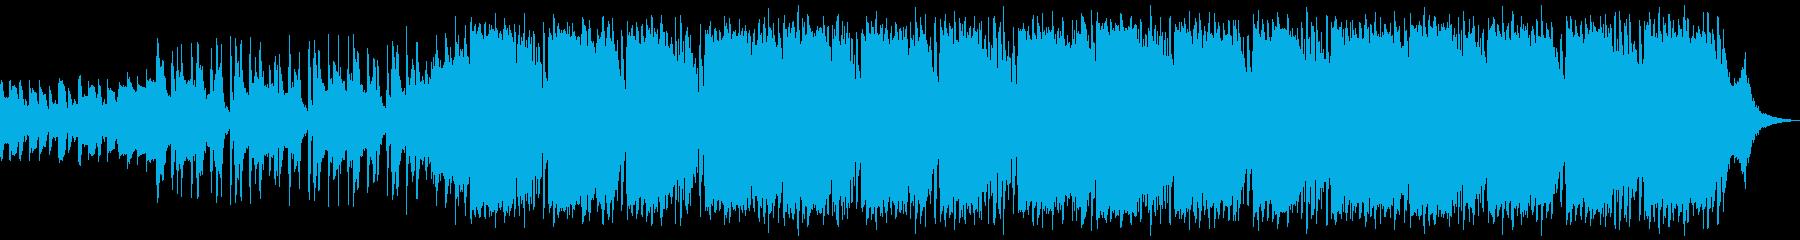 静かな緊張を引き起こすの再生済みの波形